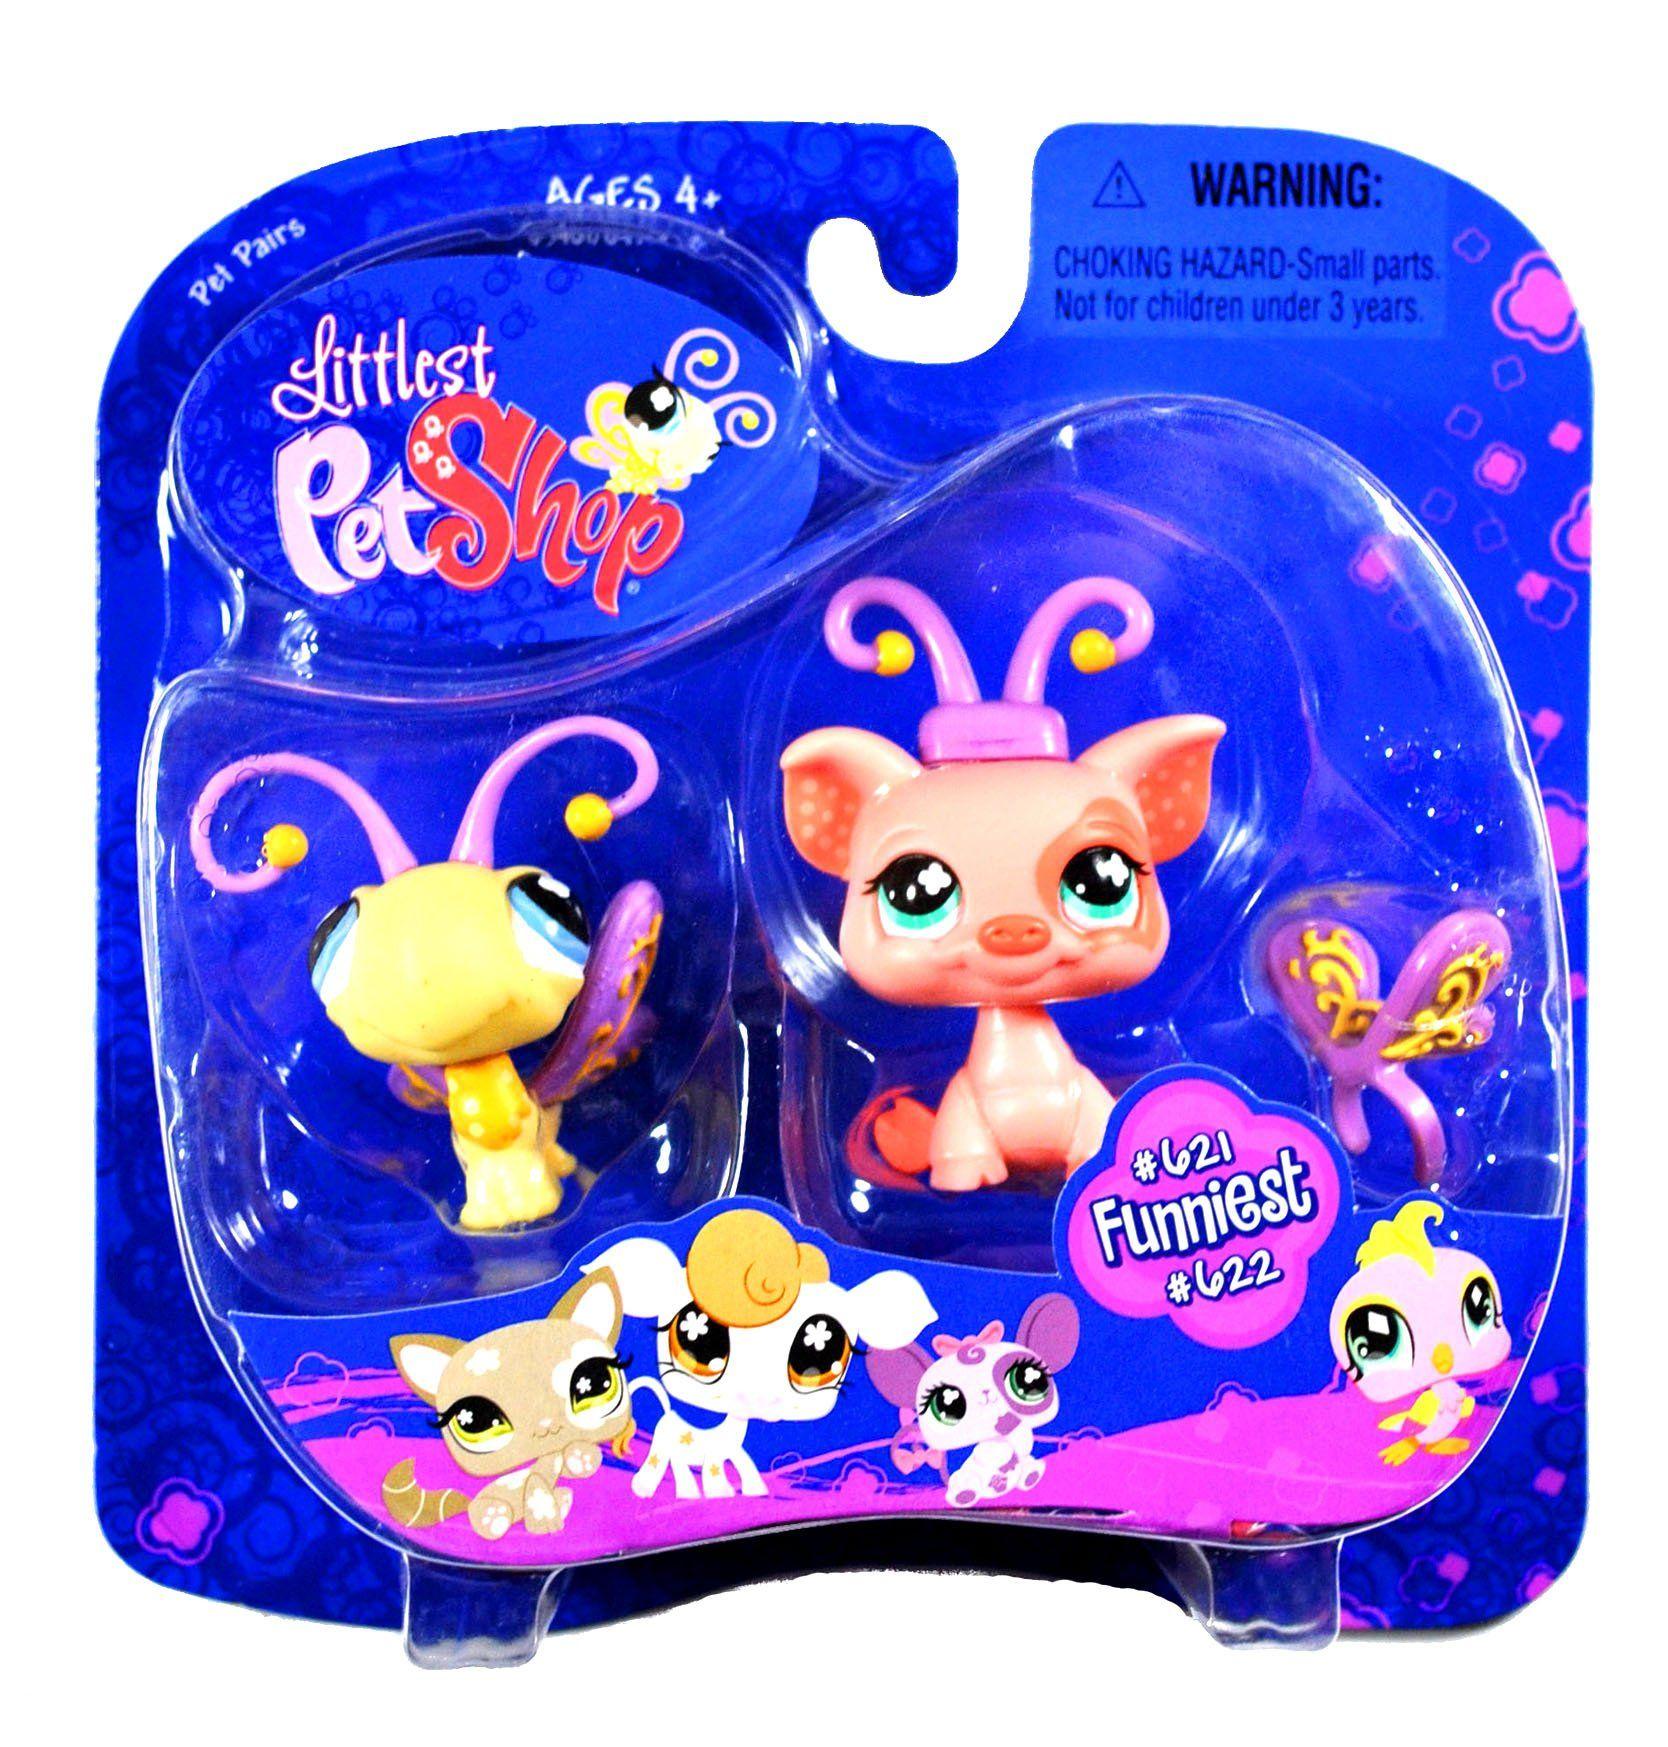 Amazon Com Littlest Pet Shop Pet Pairs Butterfly Pig Toys Games Lps Littlest Pet Shop Little Pets Little Pet Shop Toys